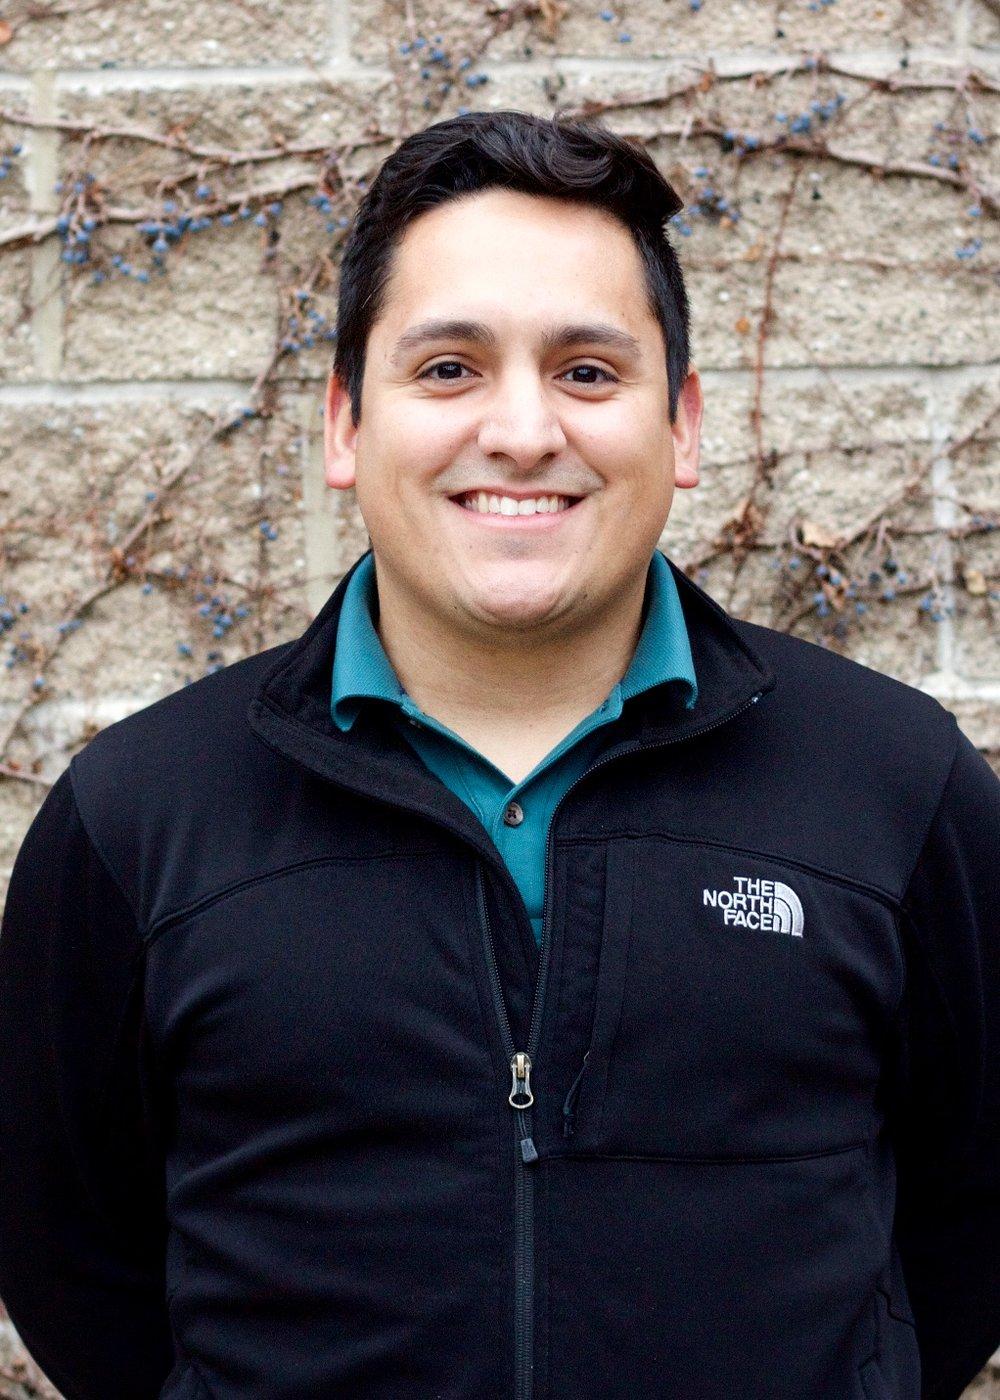 Jose Luis headshot.jpg